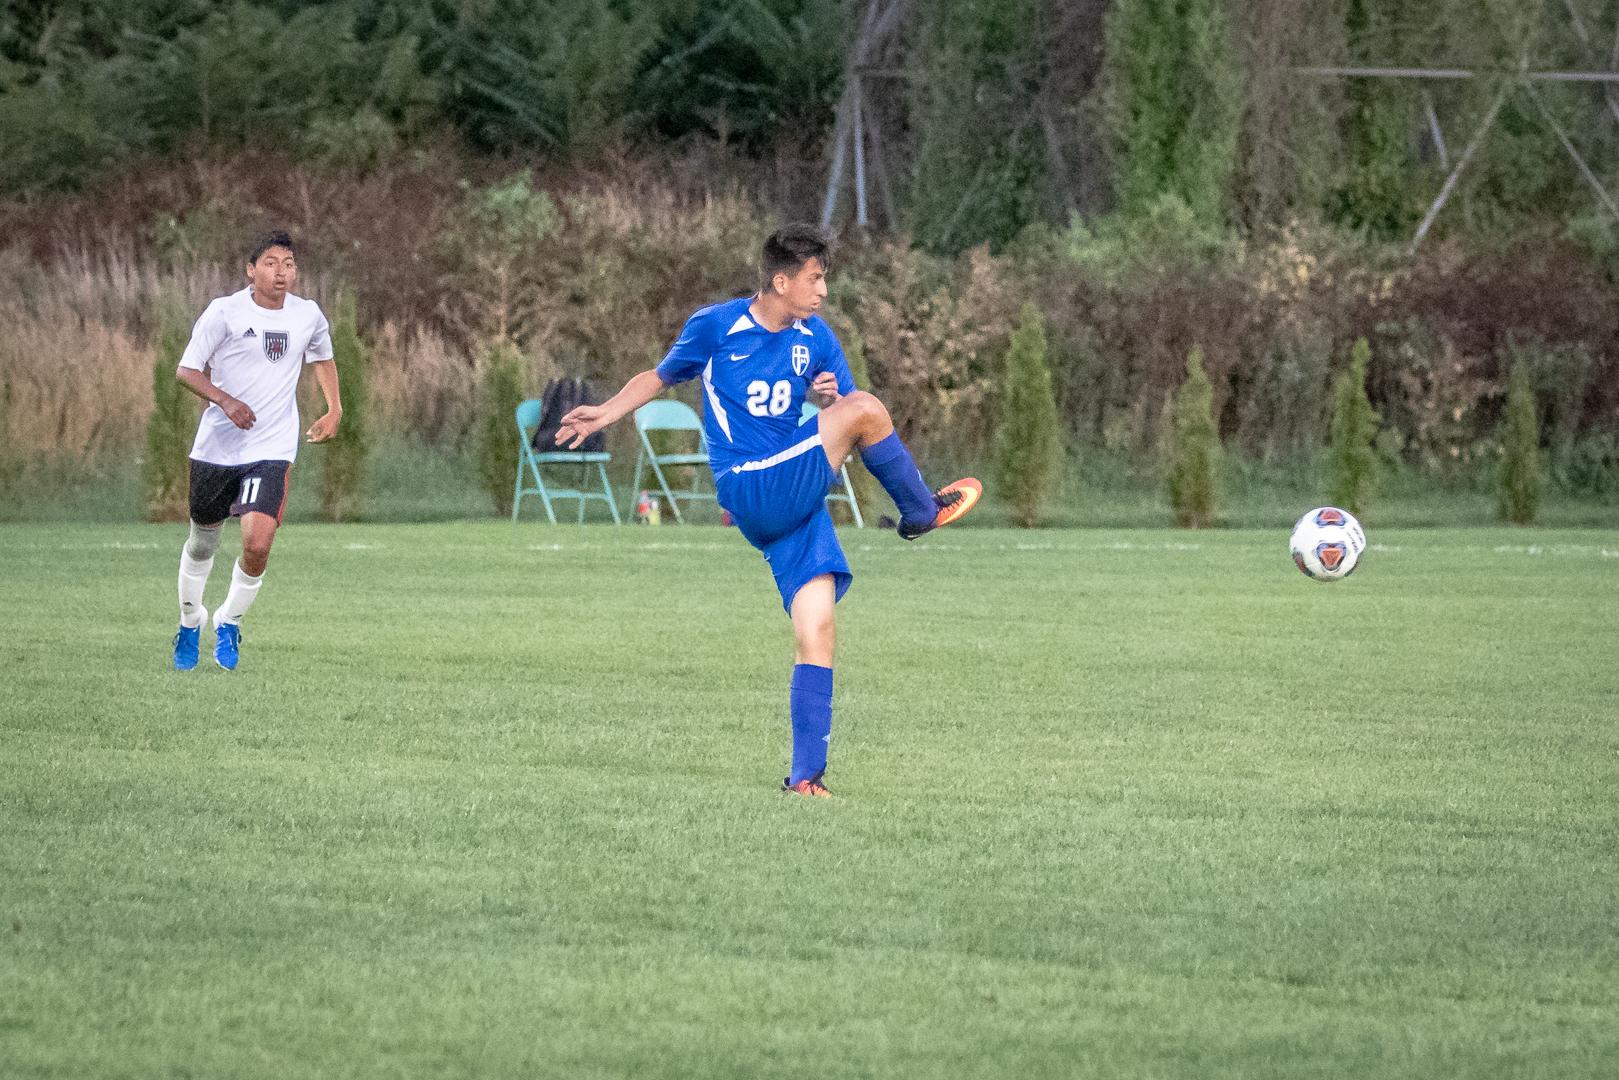 Marian-Varsity-Boys-Soccer-9691.jpg